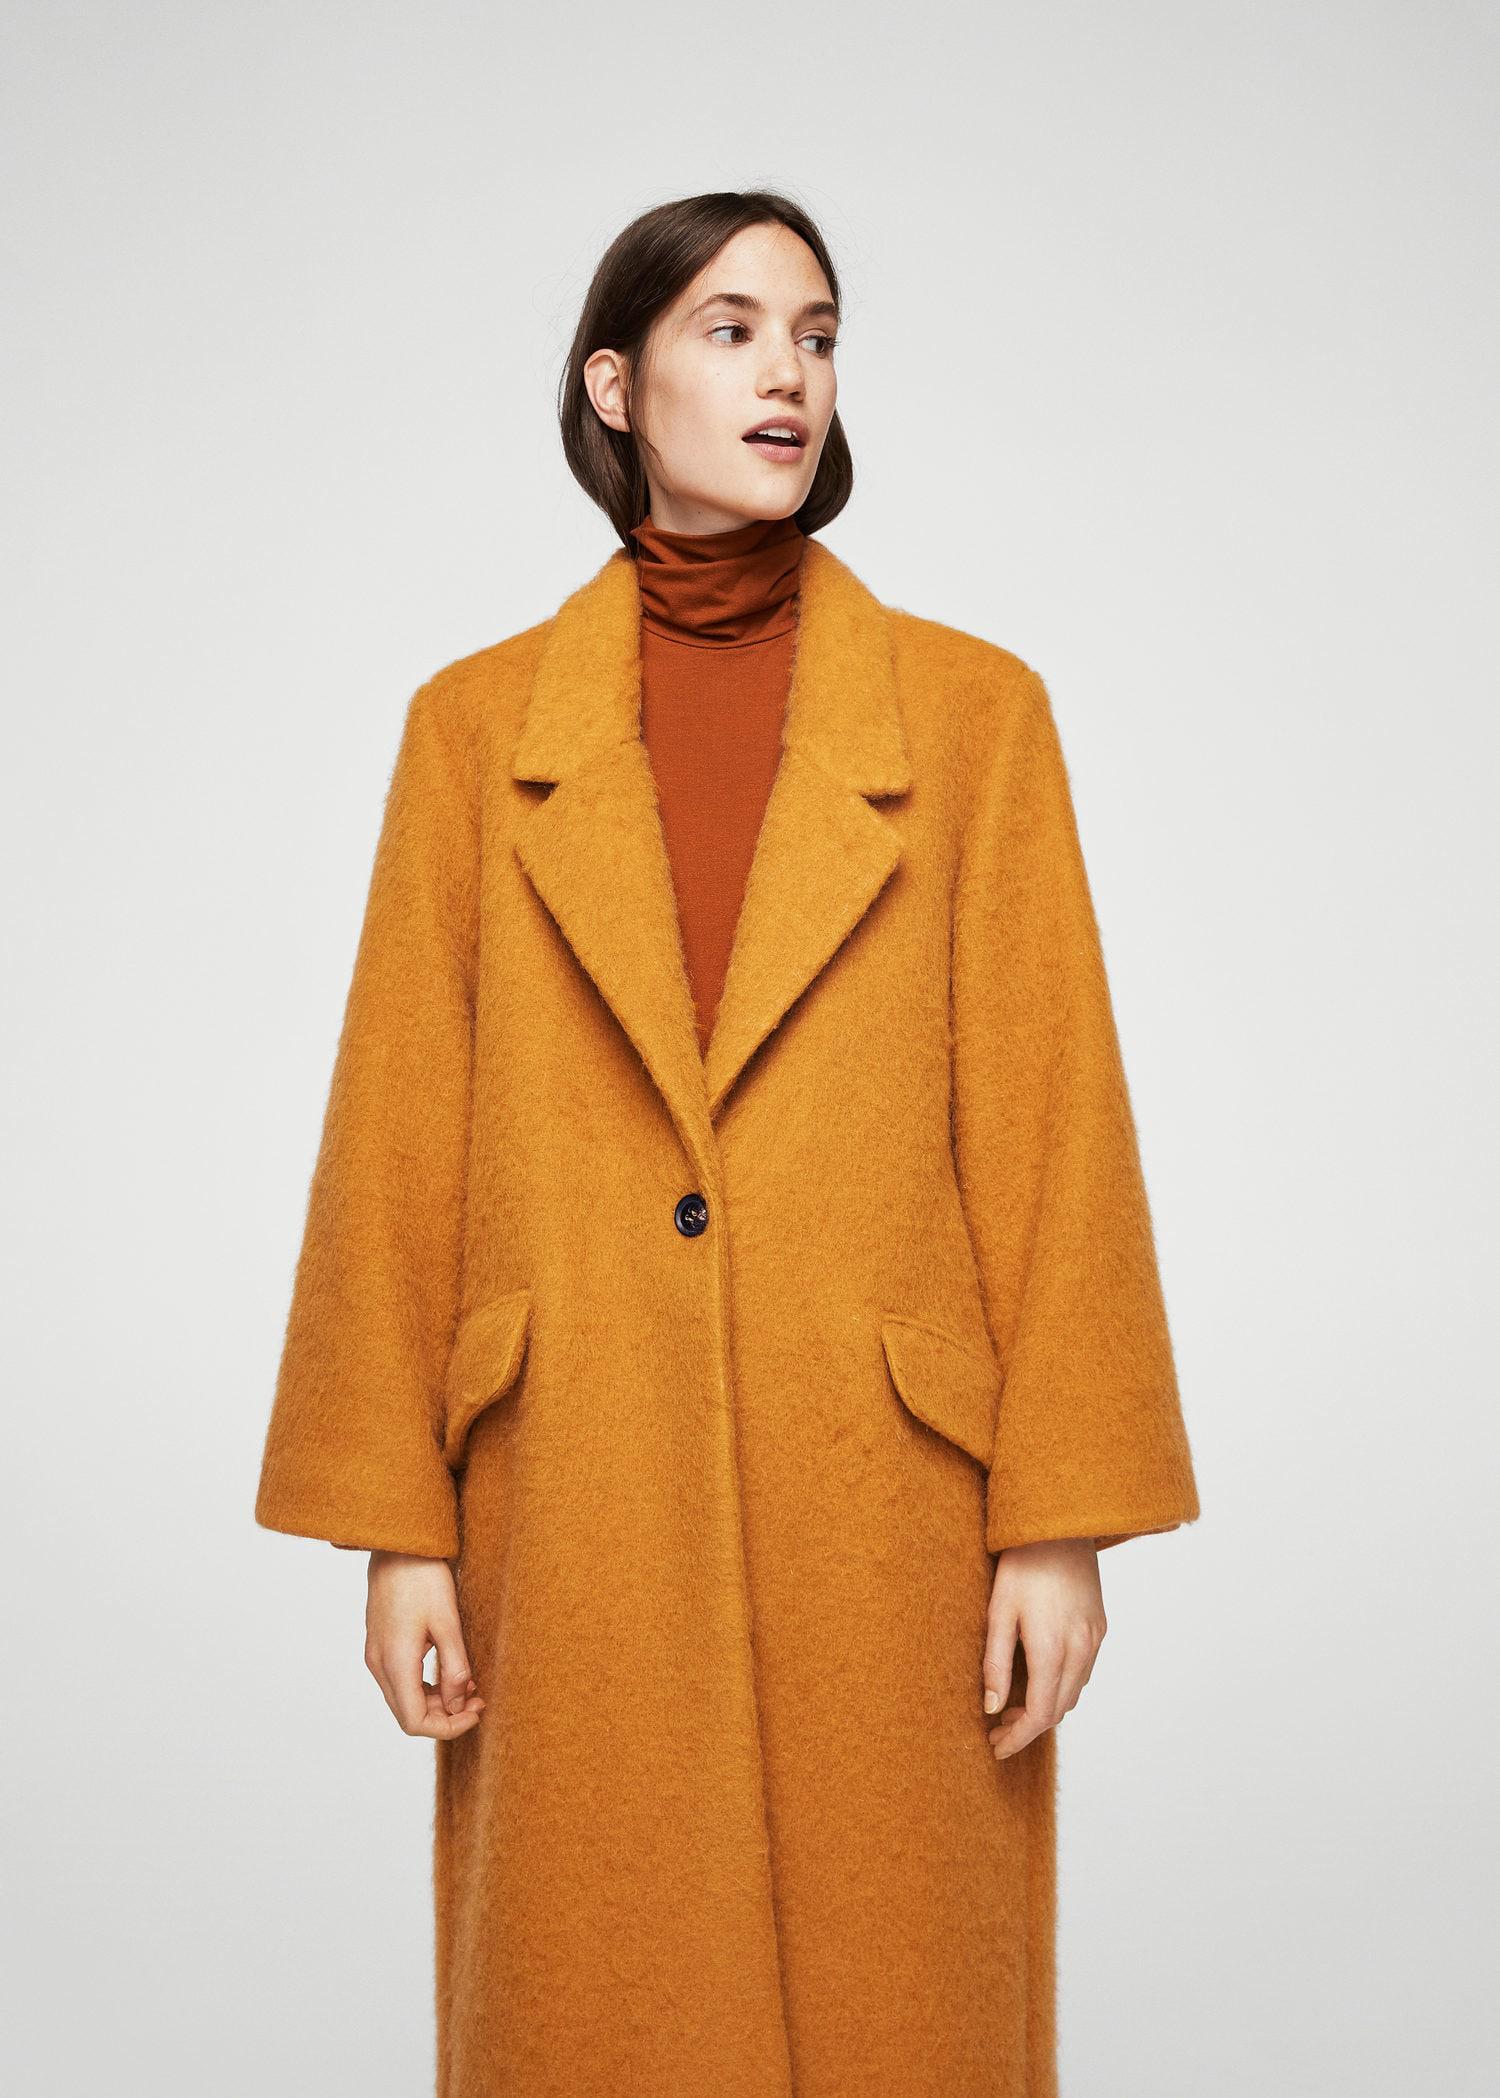 4c245d351a8e Blend Orange Mohair Coat In Mango Wool Lyst tUxwOSfgq